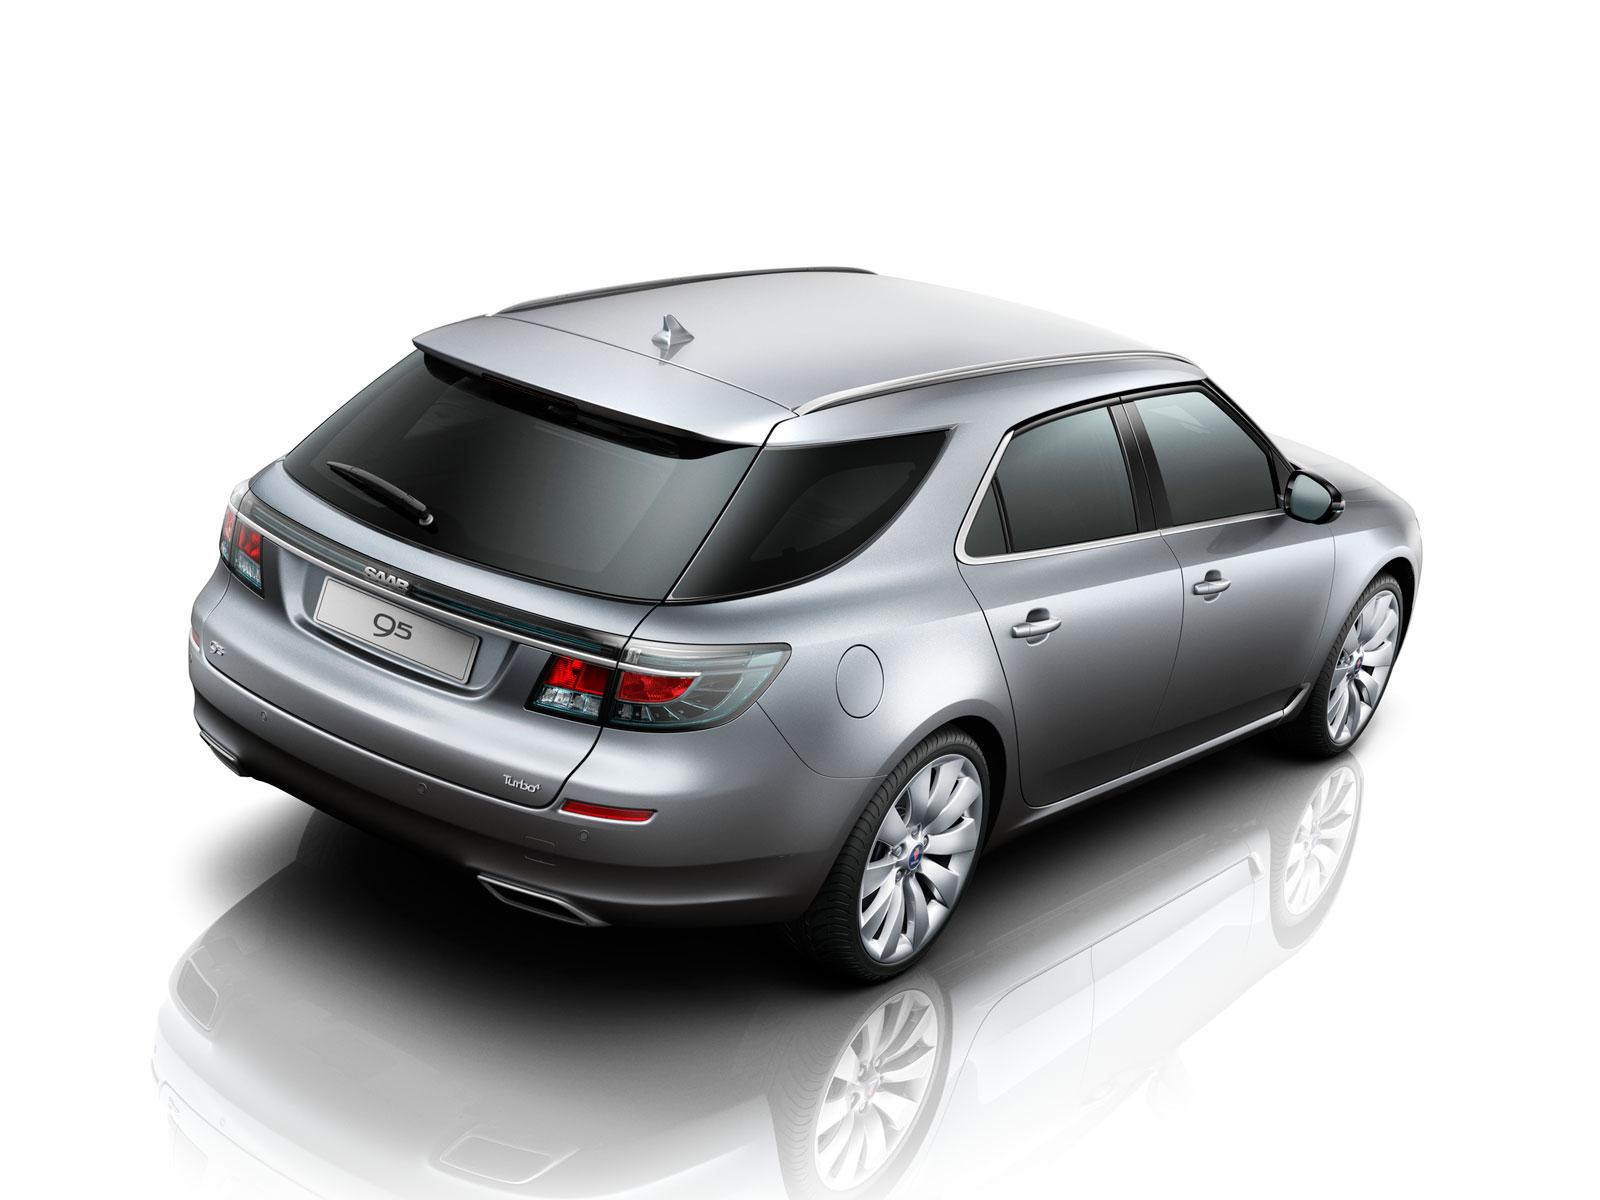 saab-9-5-sportcombi-top-rear-1600x1200